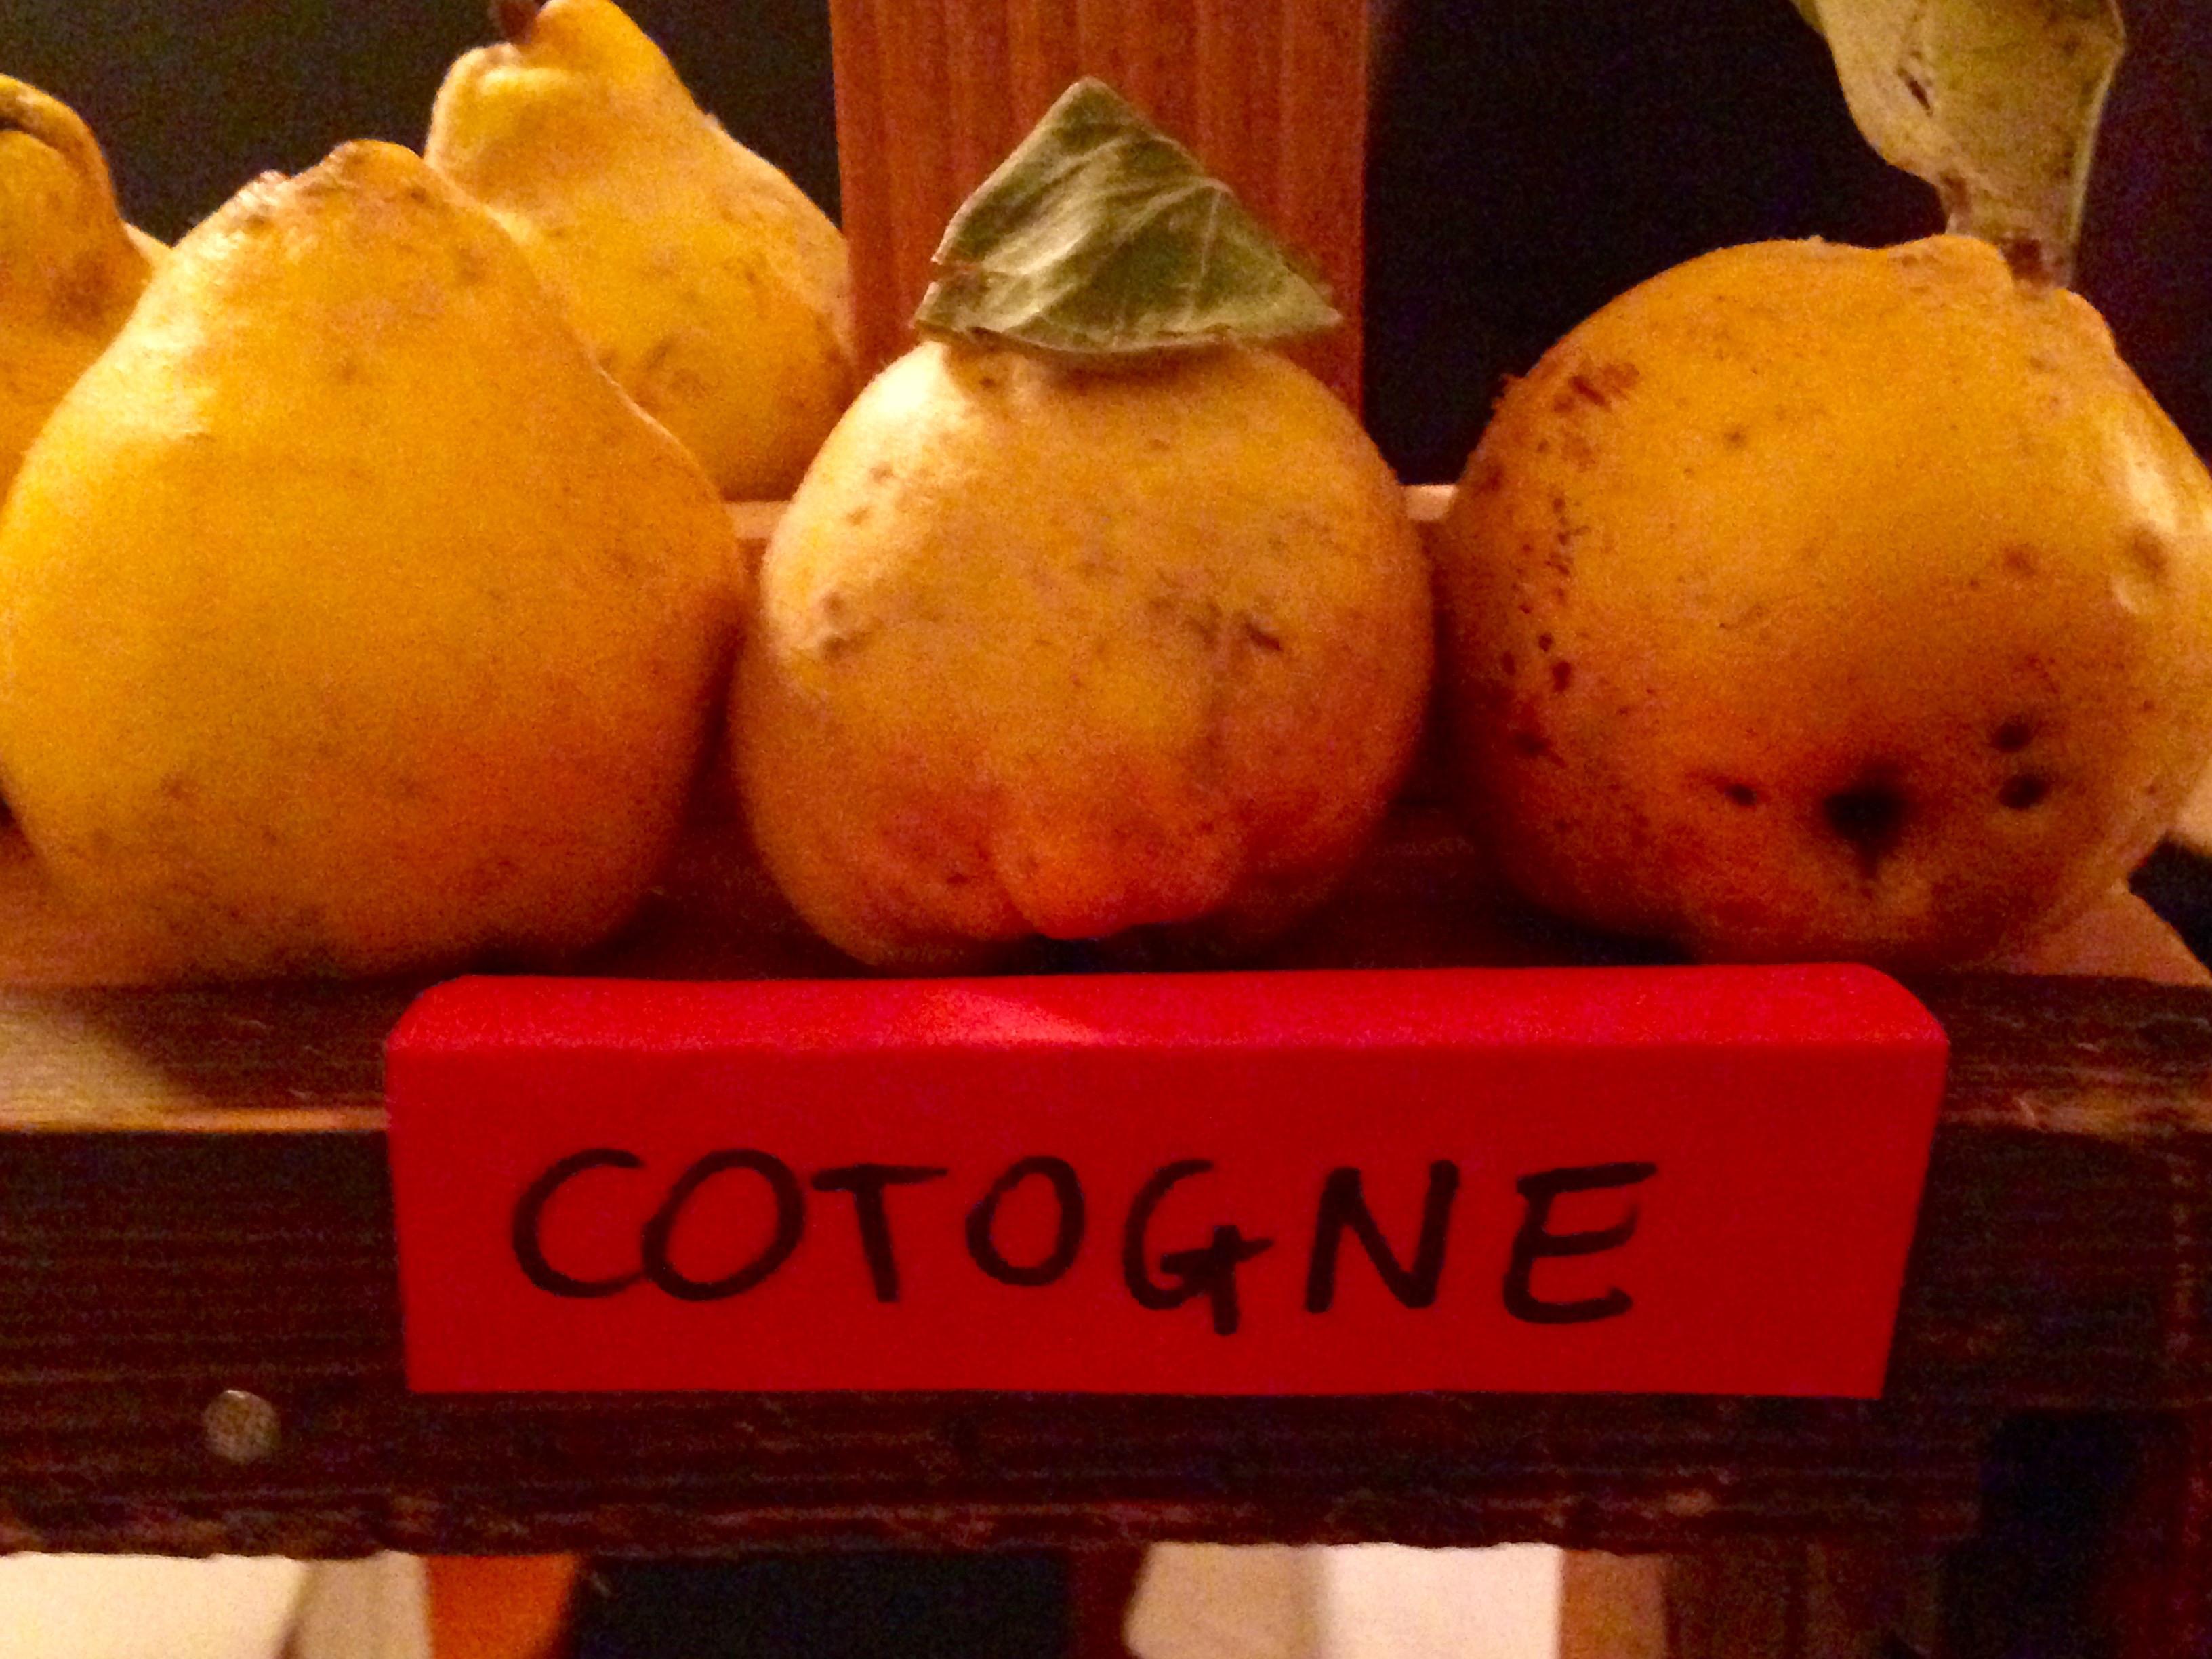 Agricola Solan - Cotogne